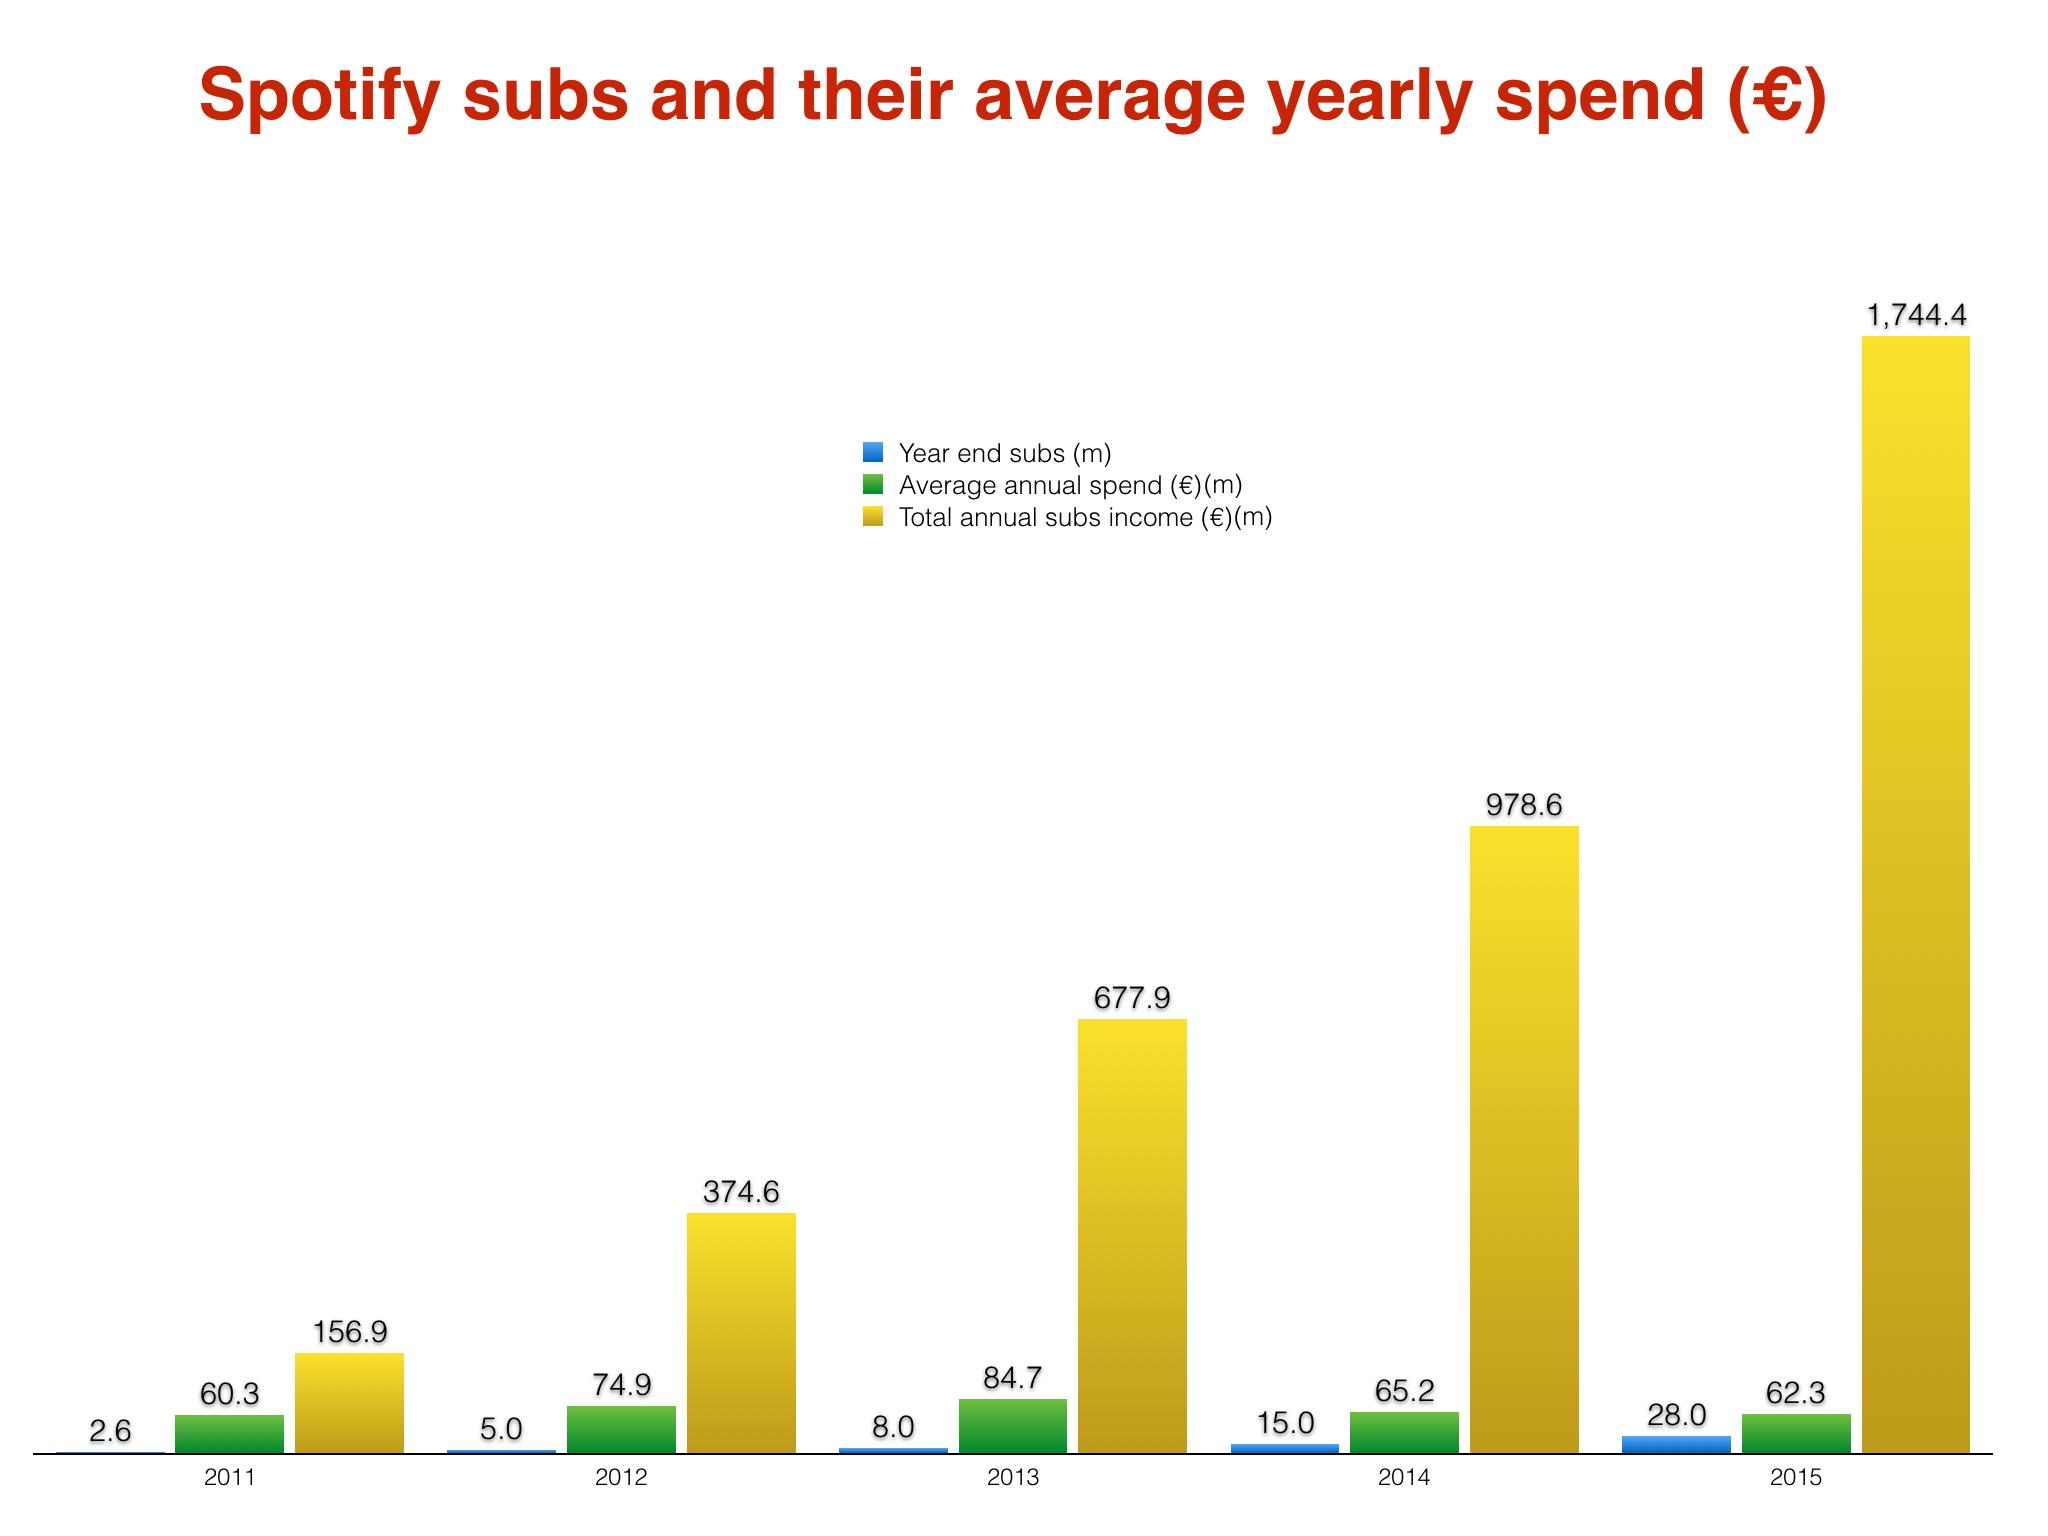 Spotifysubs